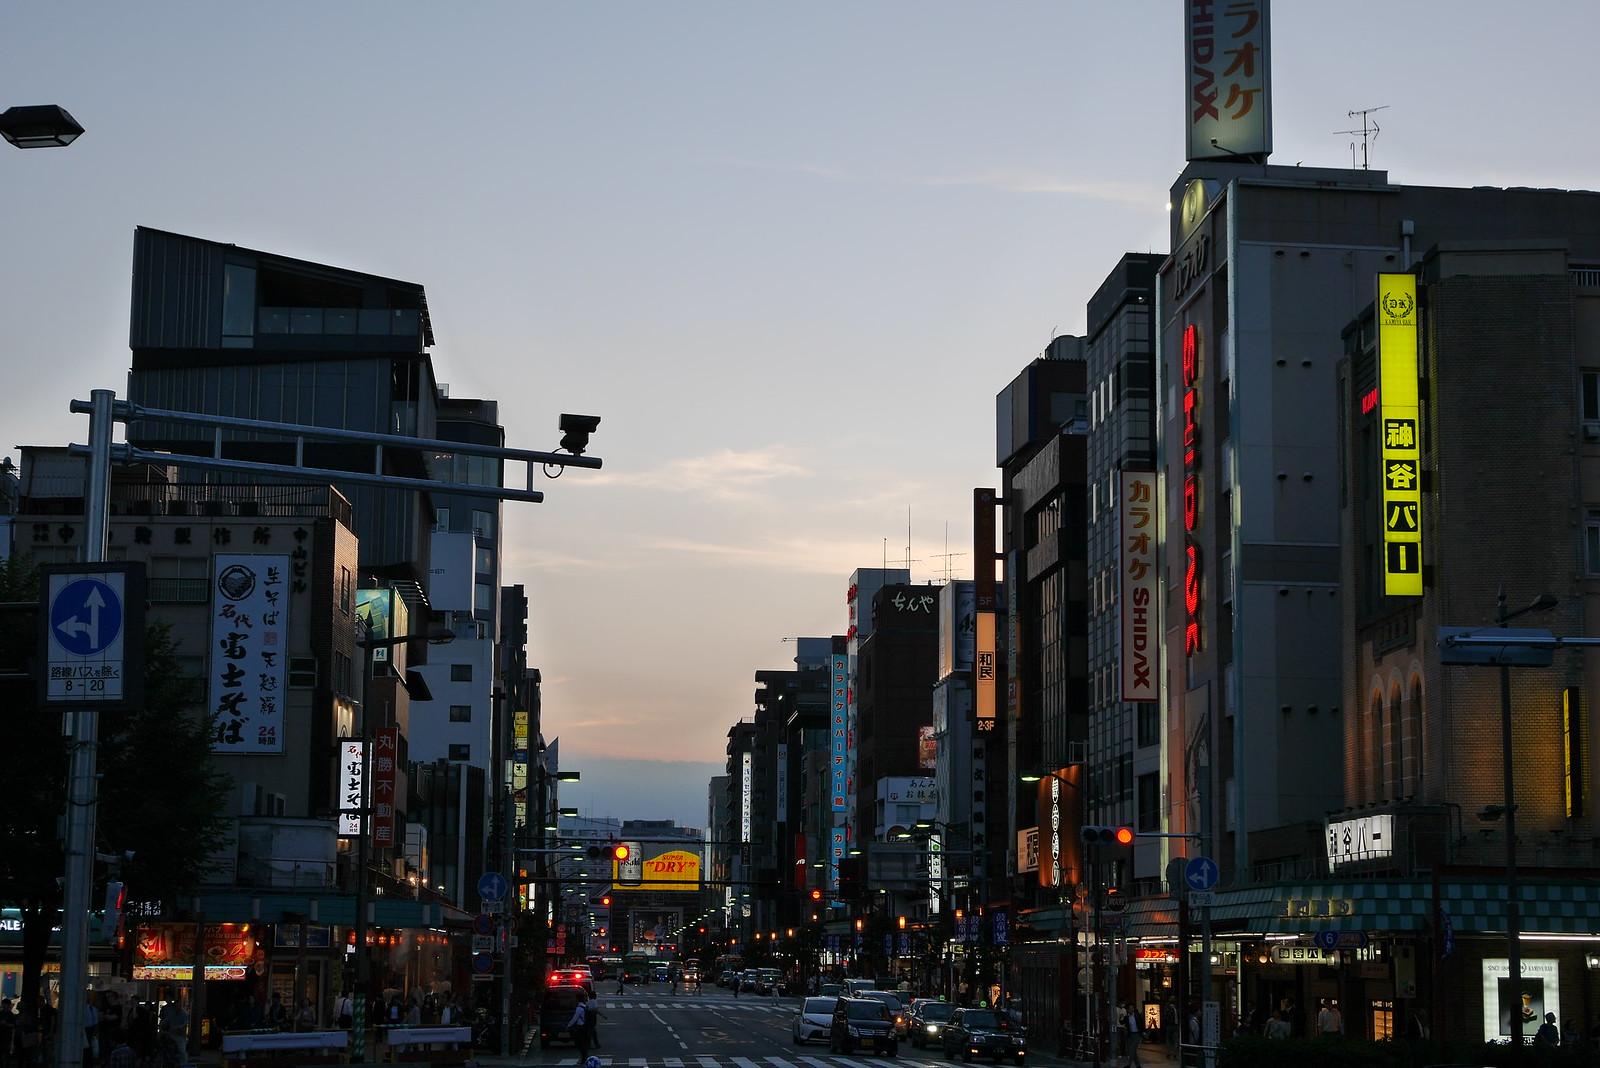 Asakusa, Tokyo